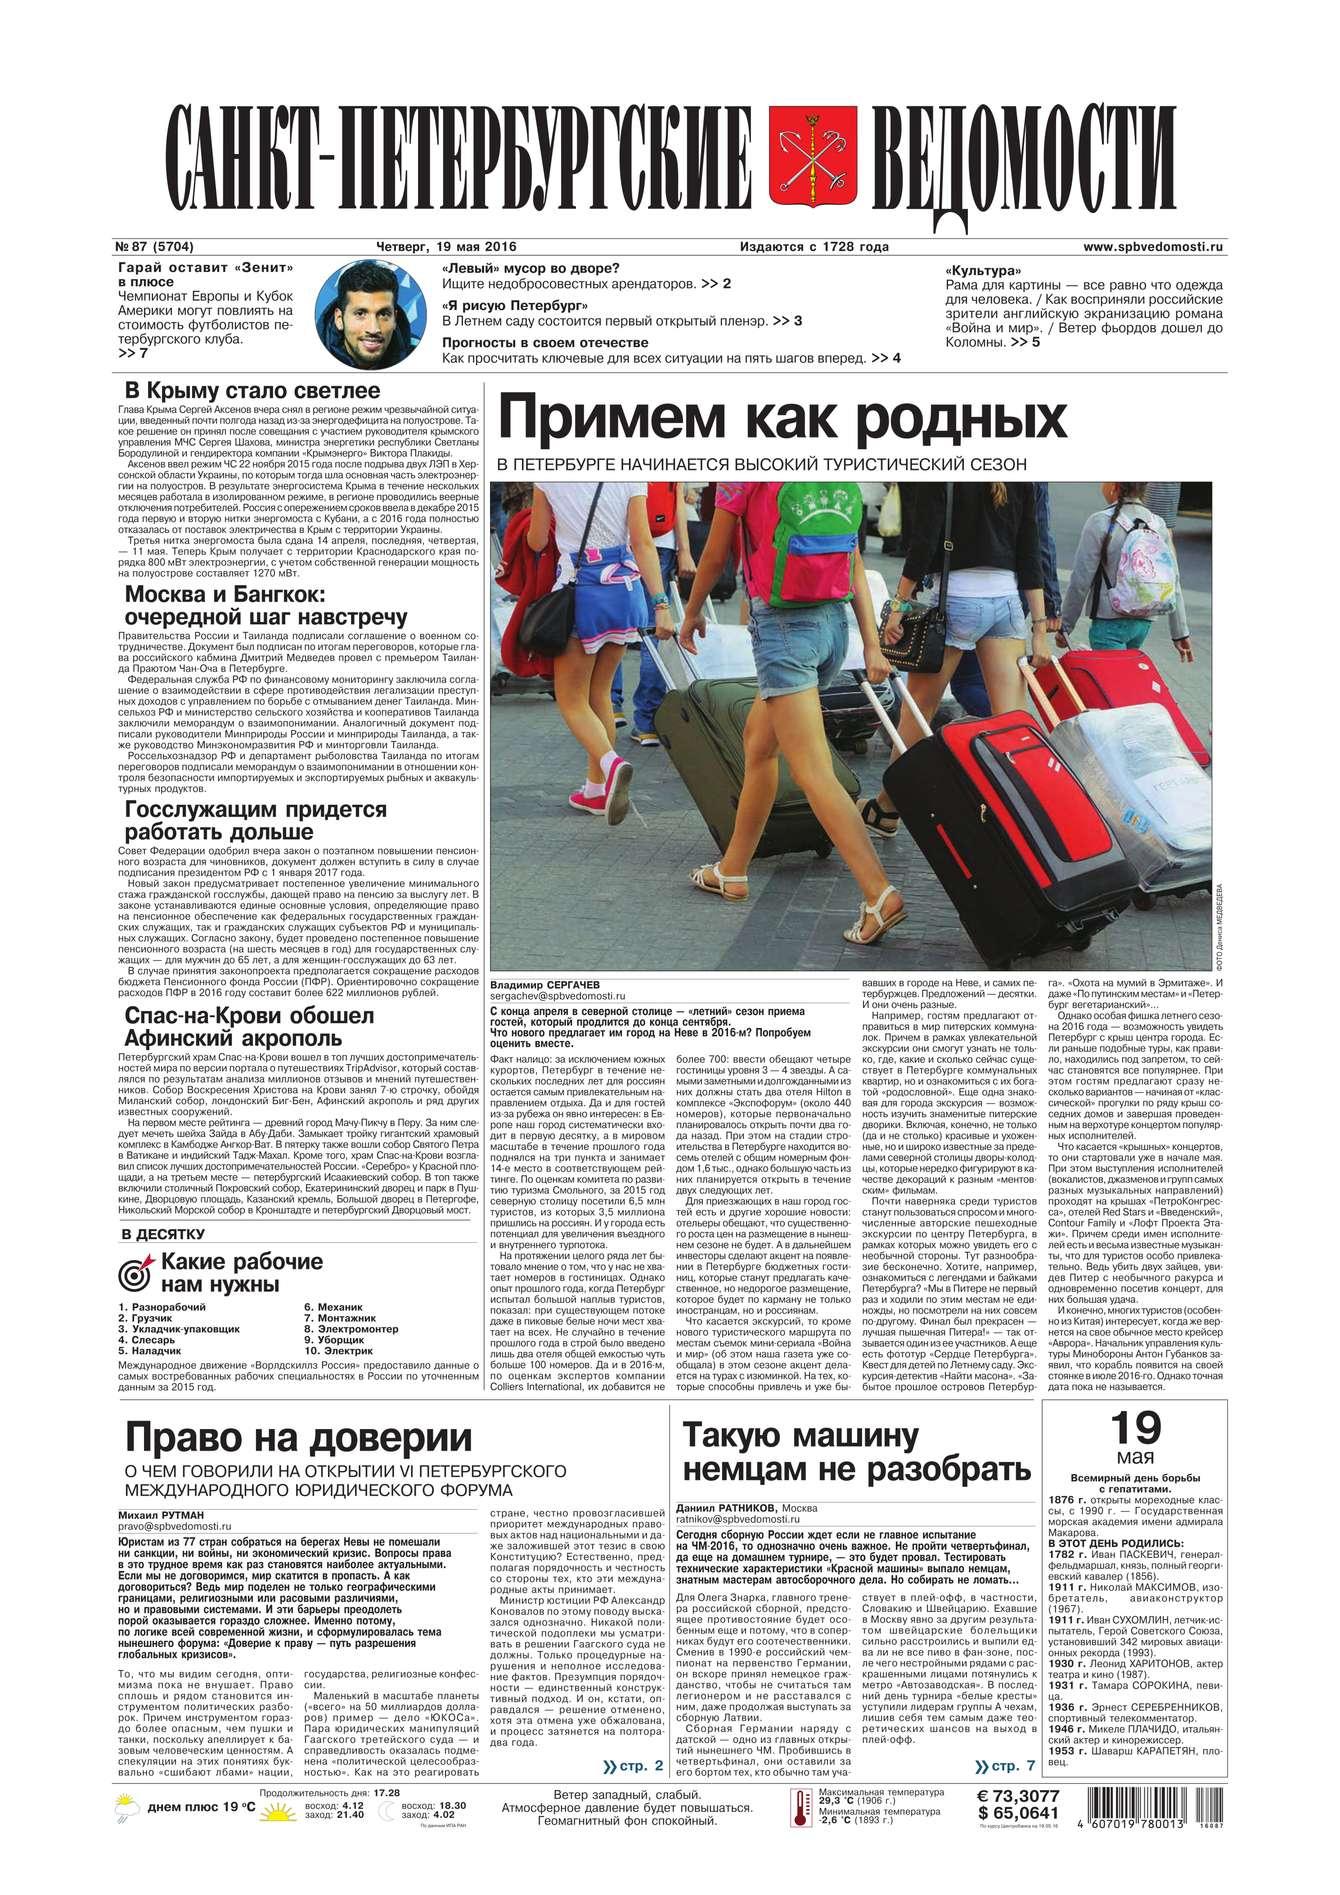 Редакция газеты Санкт-Петербургские ведомости Санкт-Петербургские ведомости 87-2016